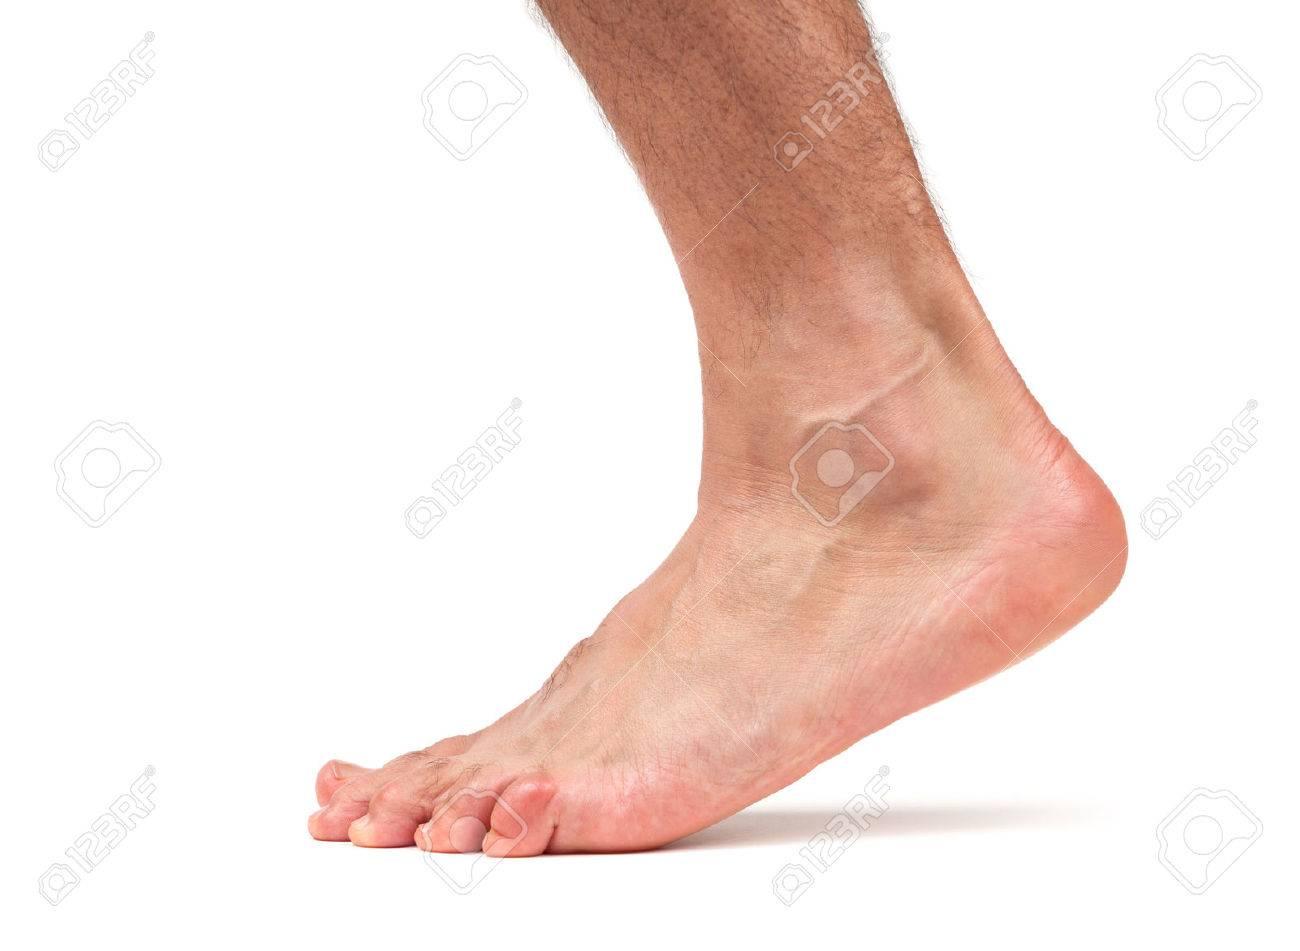 Bare male foot walking - 47839903